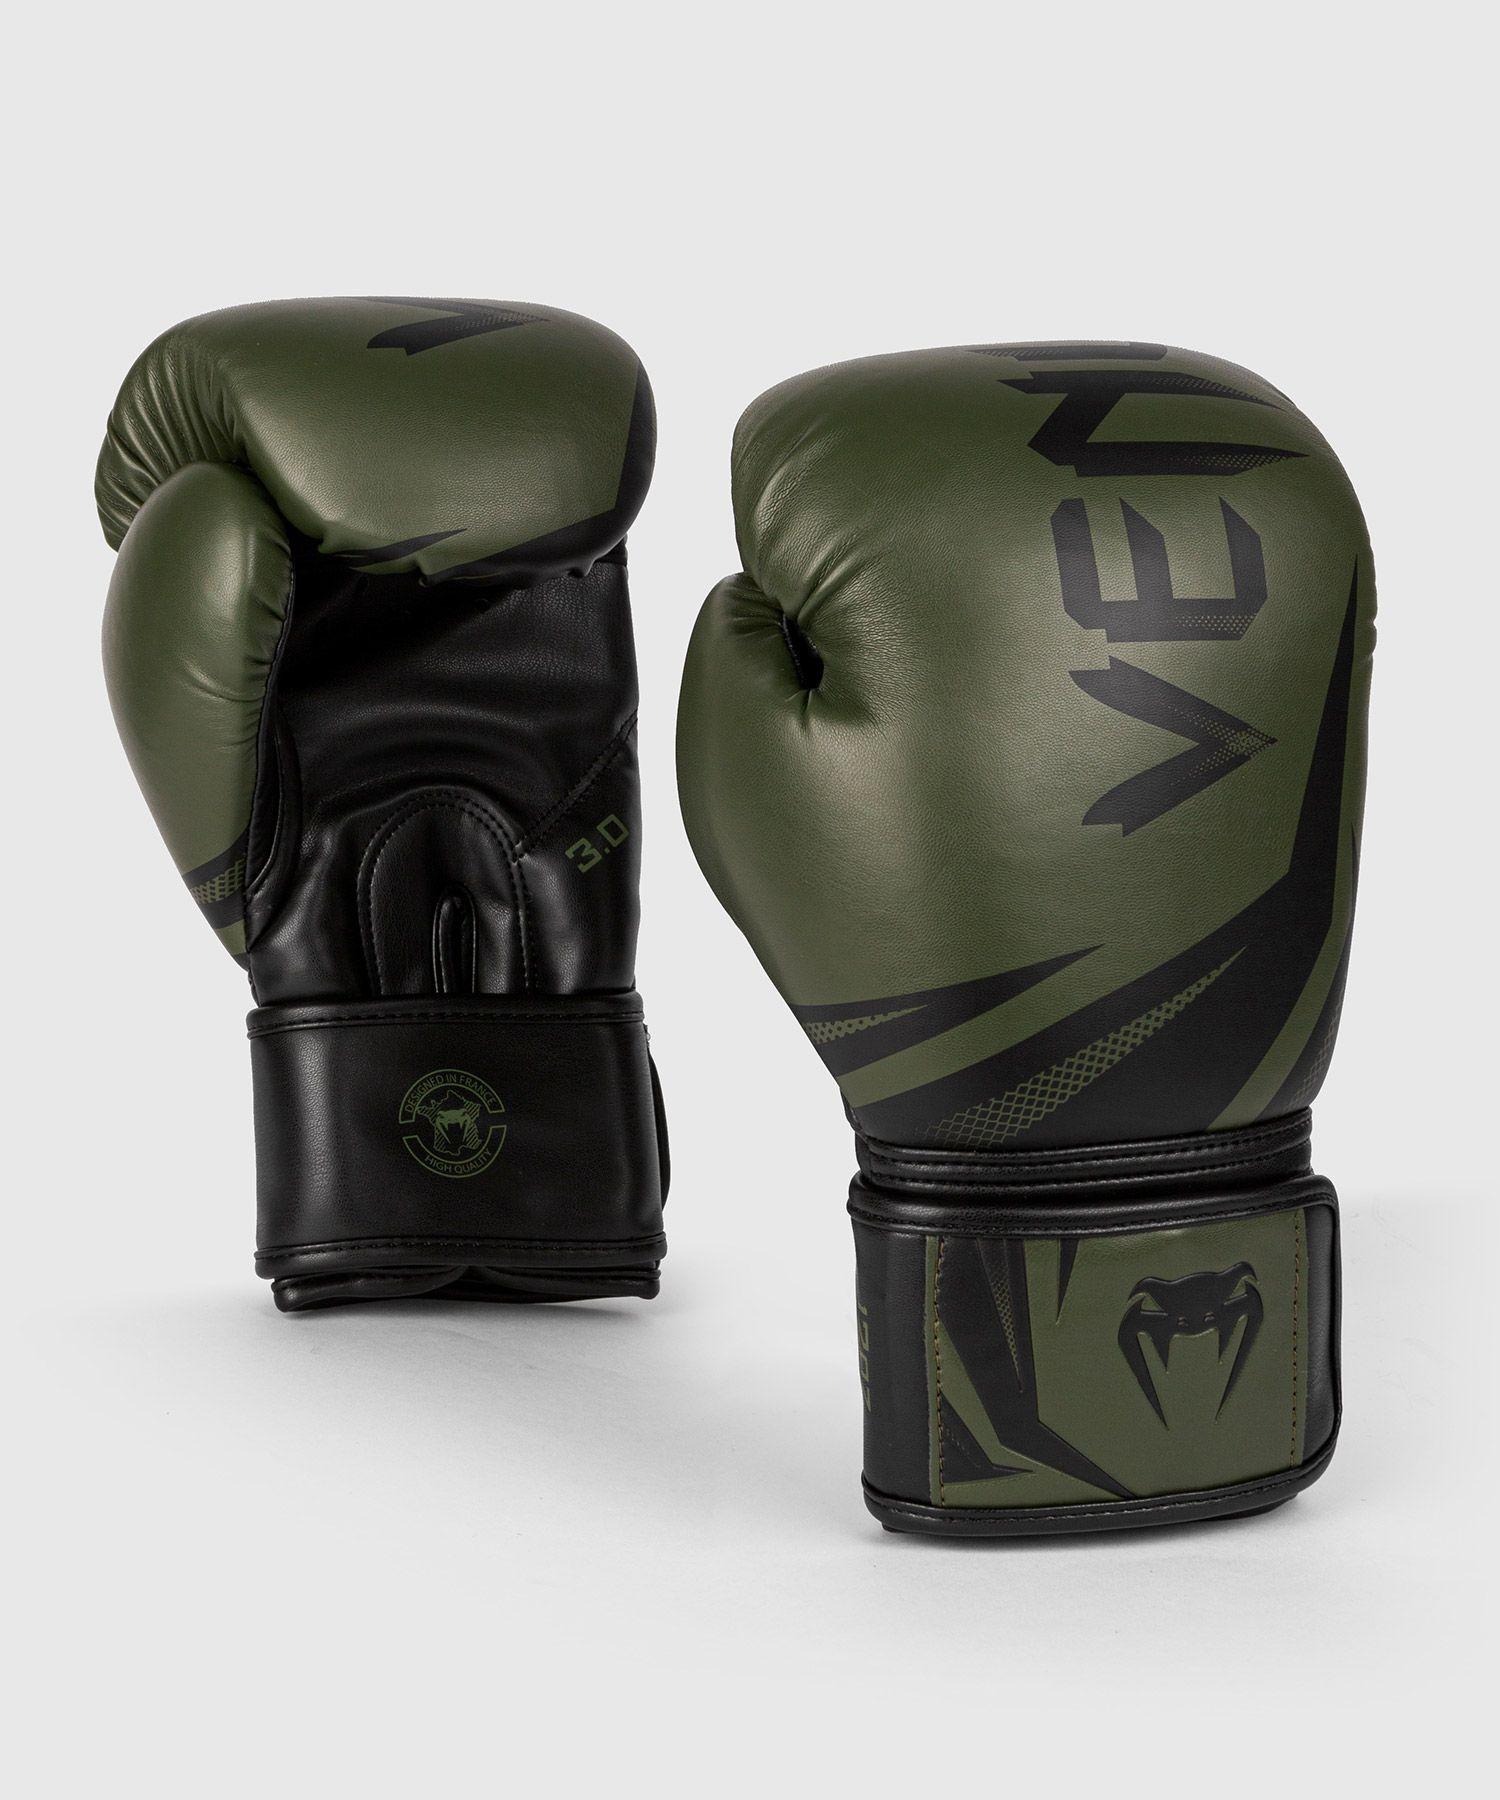 Gants de boxe Venum Challenger 3.0 - Kaki/Noir